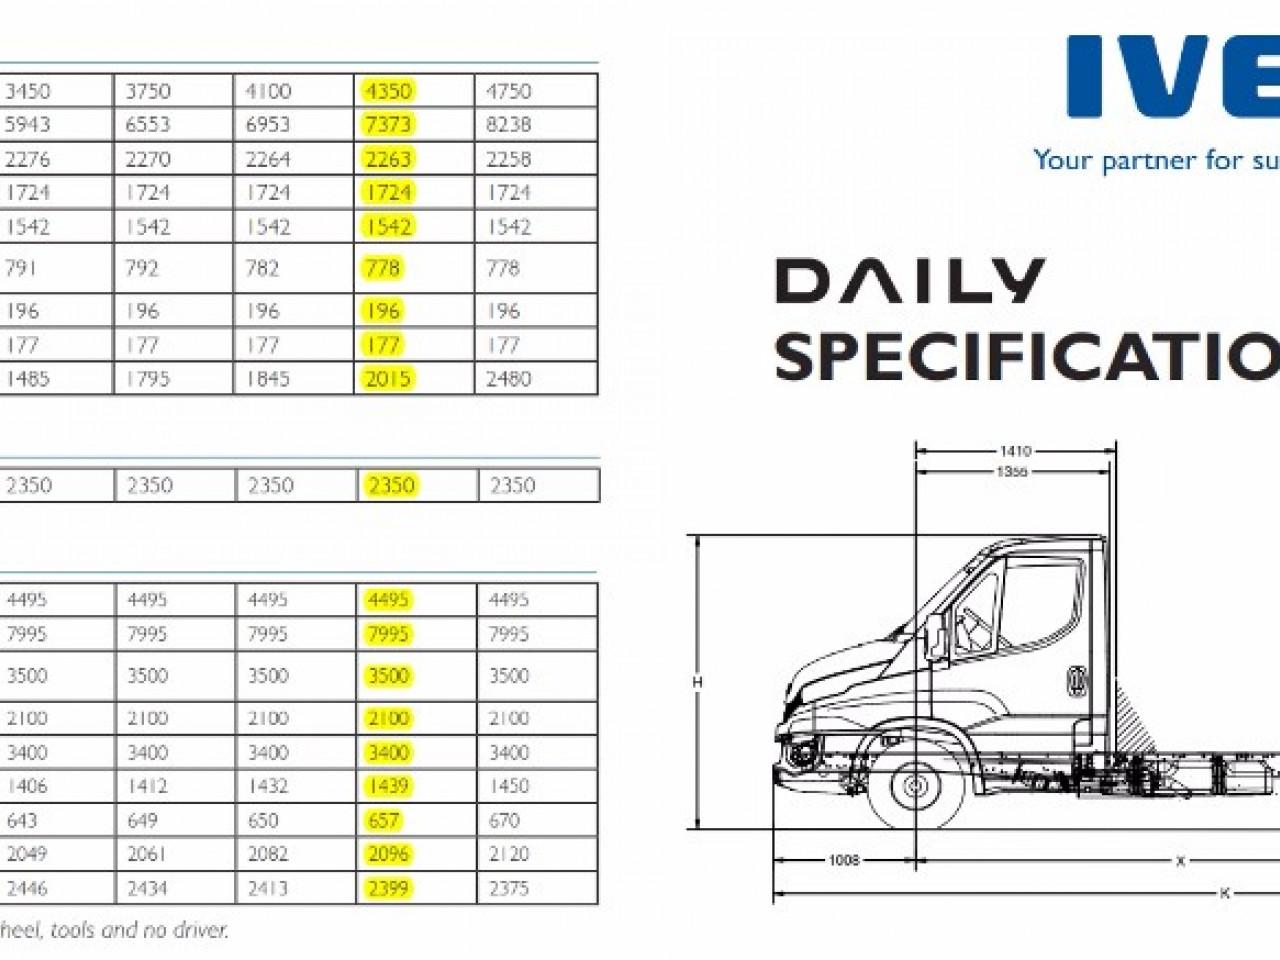 2017 Iveco Daily 45c170a8 Hi-Matic